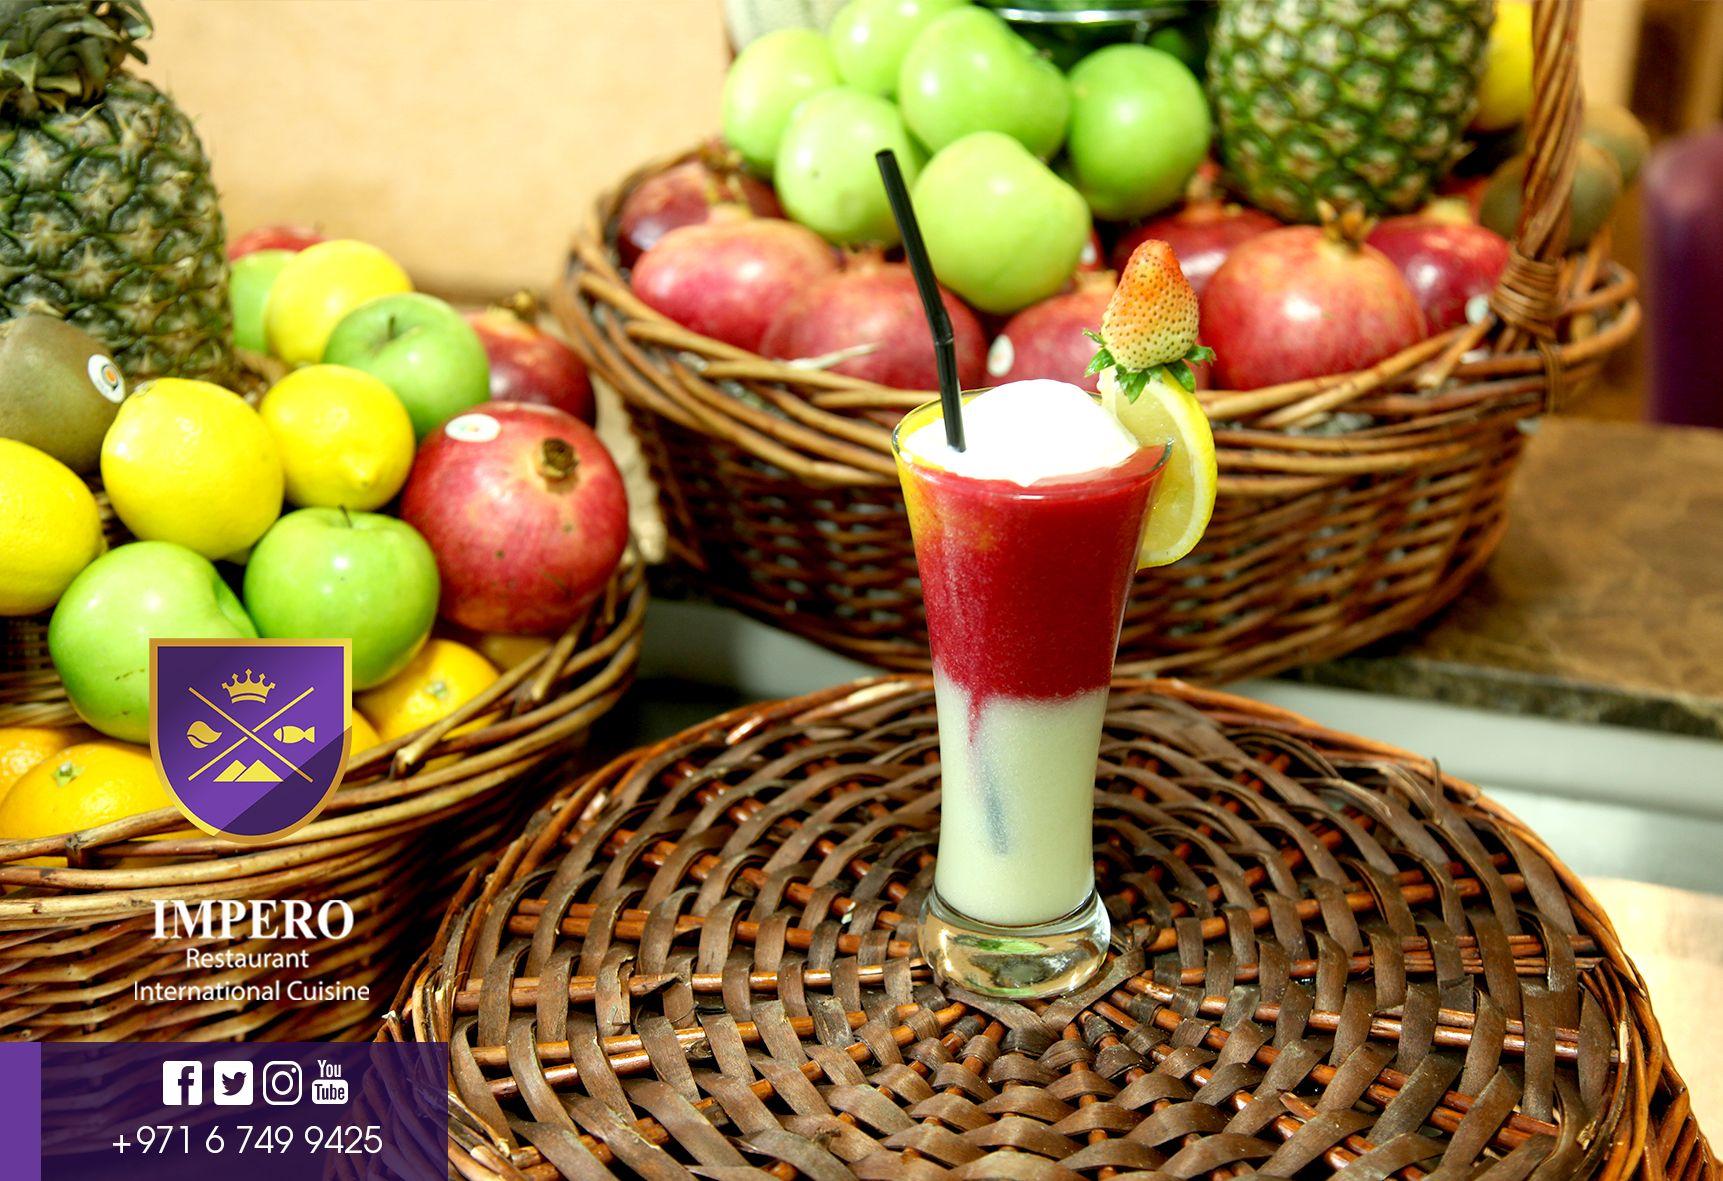 امبيرو بتقدملك عصائر طازجه من خيرة فواكه الامارات Eat Wish Imperorestaurant International Cuisine Picnic Basket Cuisine